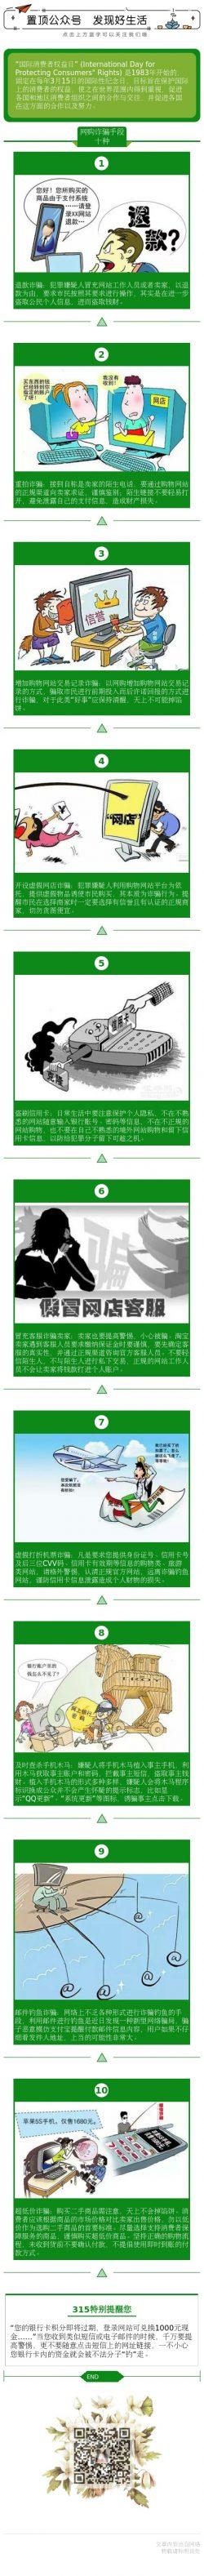 315国际消费者权益日绿色微信文章模板